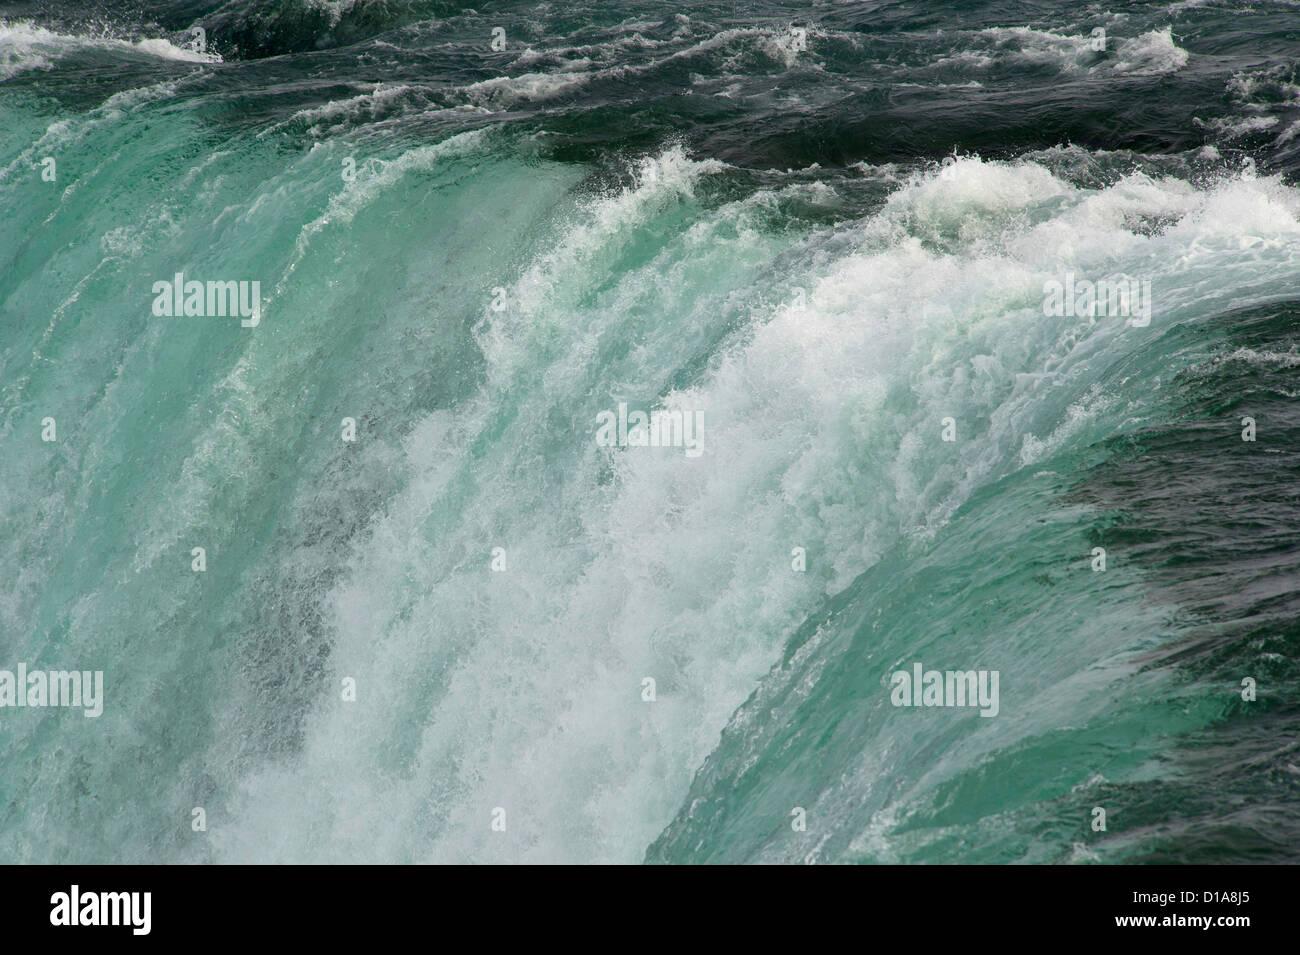 Edge of Niagara Falls waterfall - Stock Image